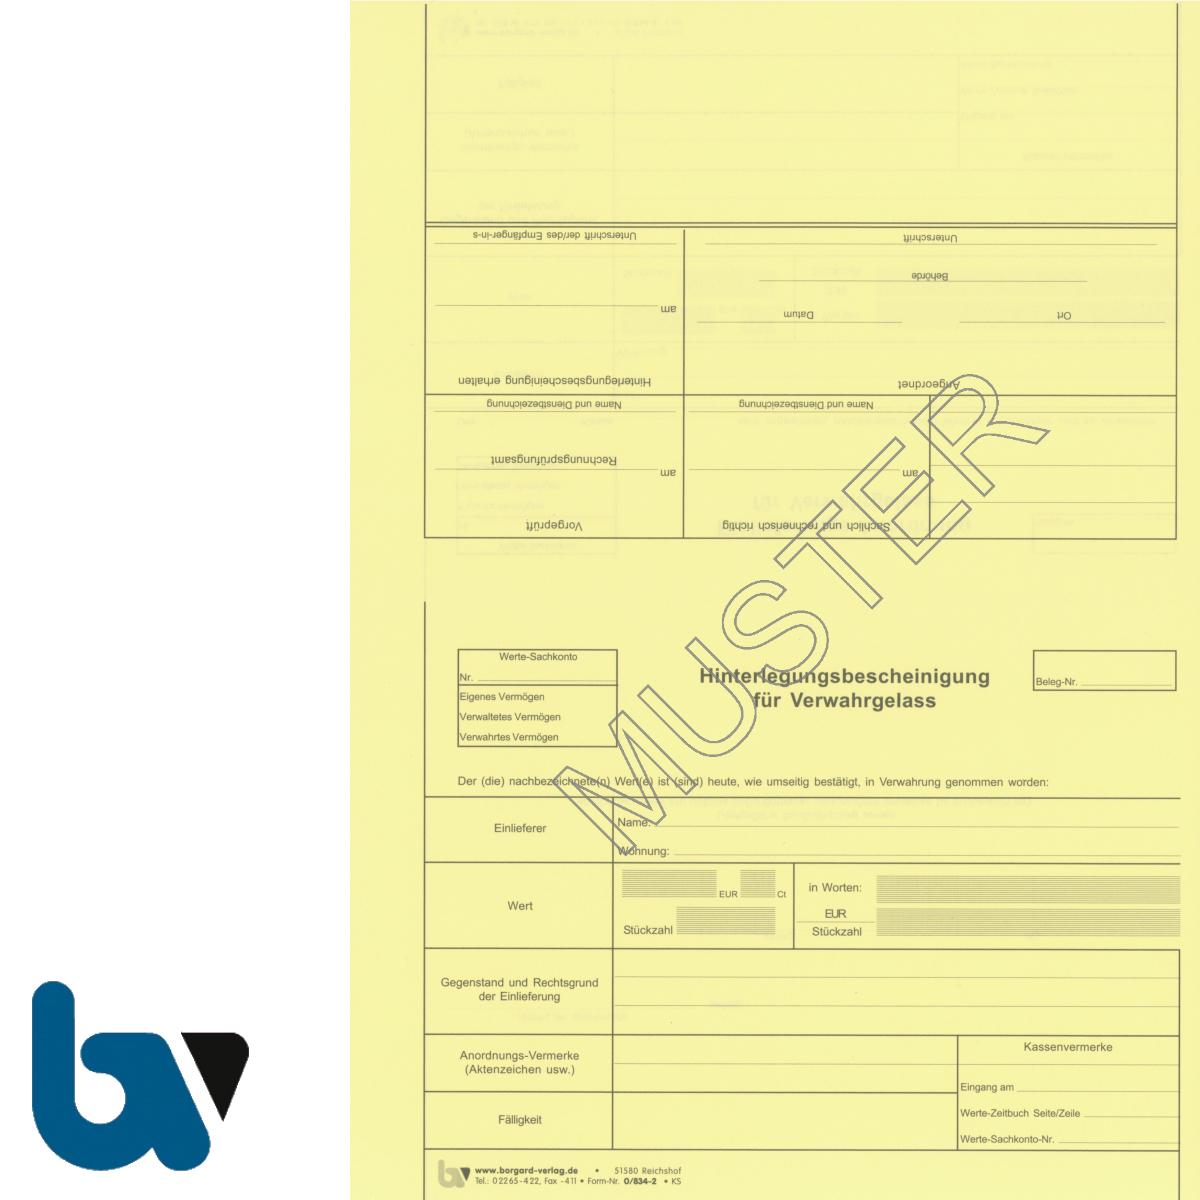 0/834-2 Einlieferungs Anordnung Verwahrgelass Hinterlegungsbescheinigung perforiert gelb DIN A4 Rückseite | Borgard Verlag GmbH